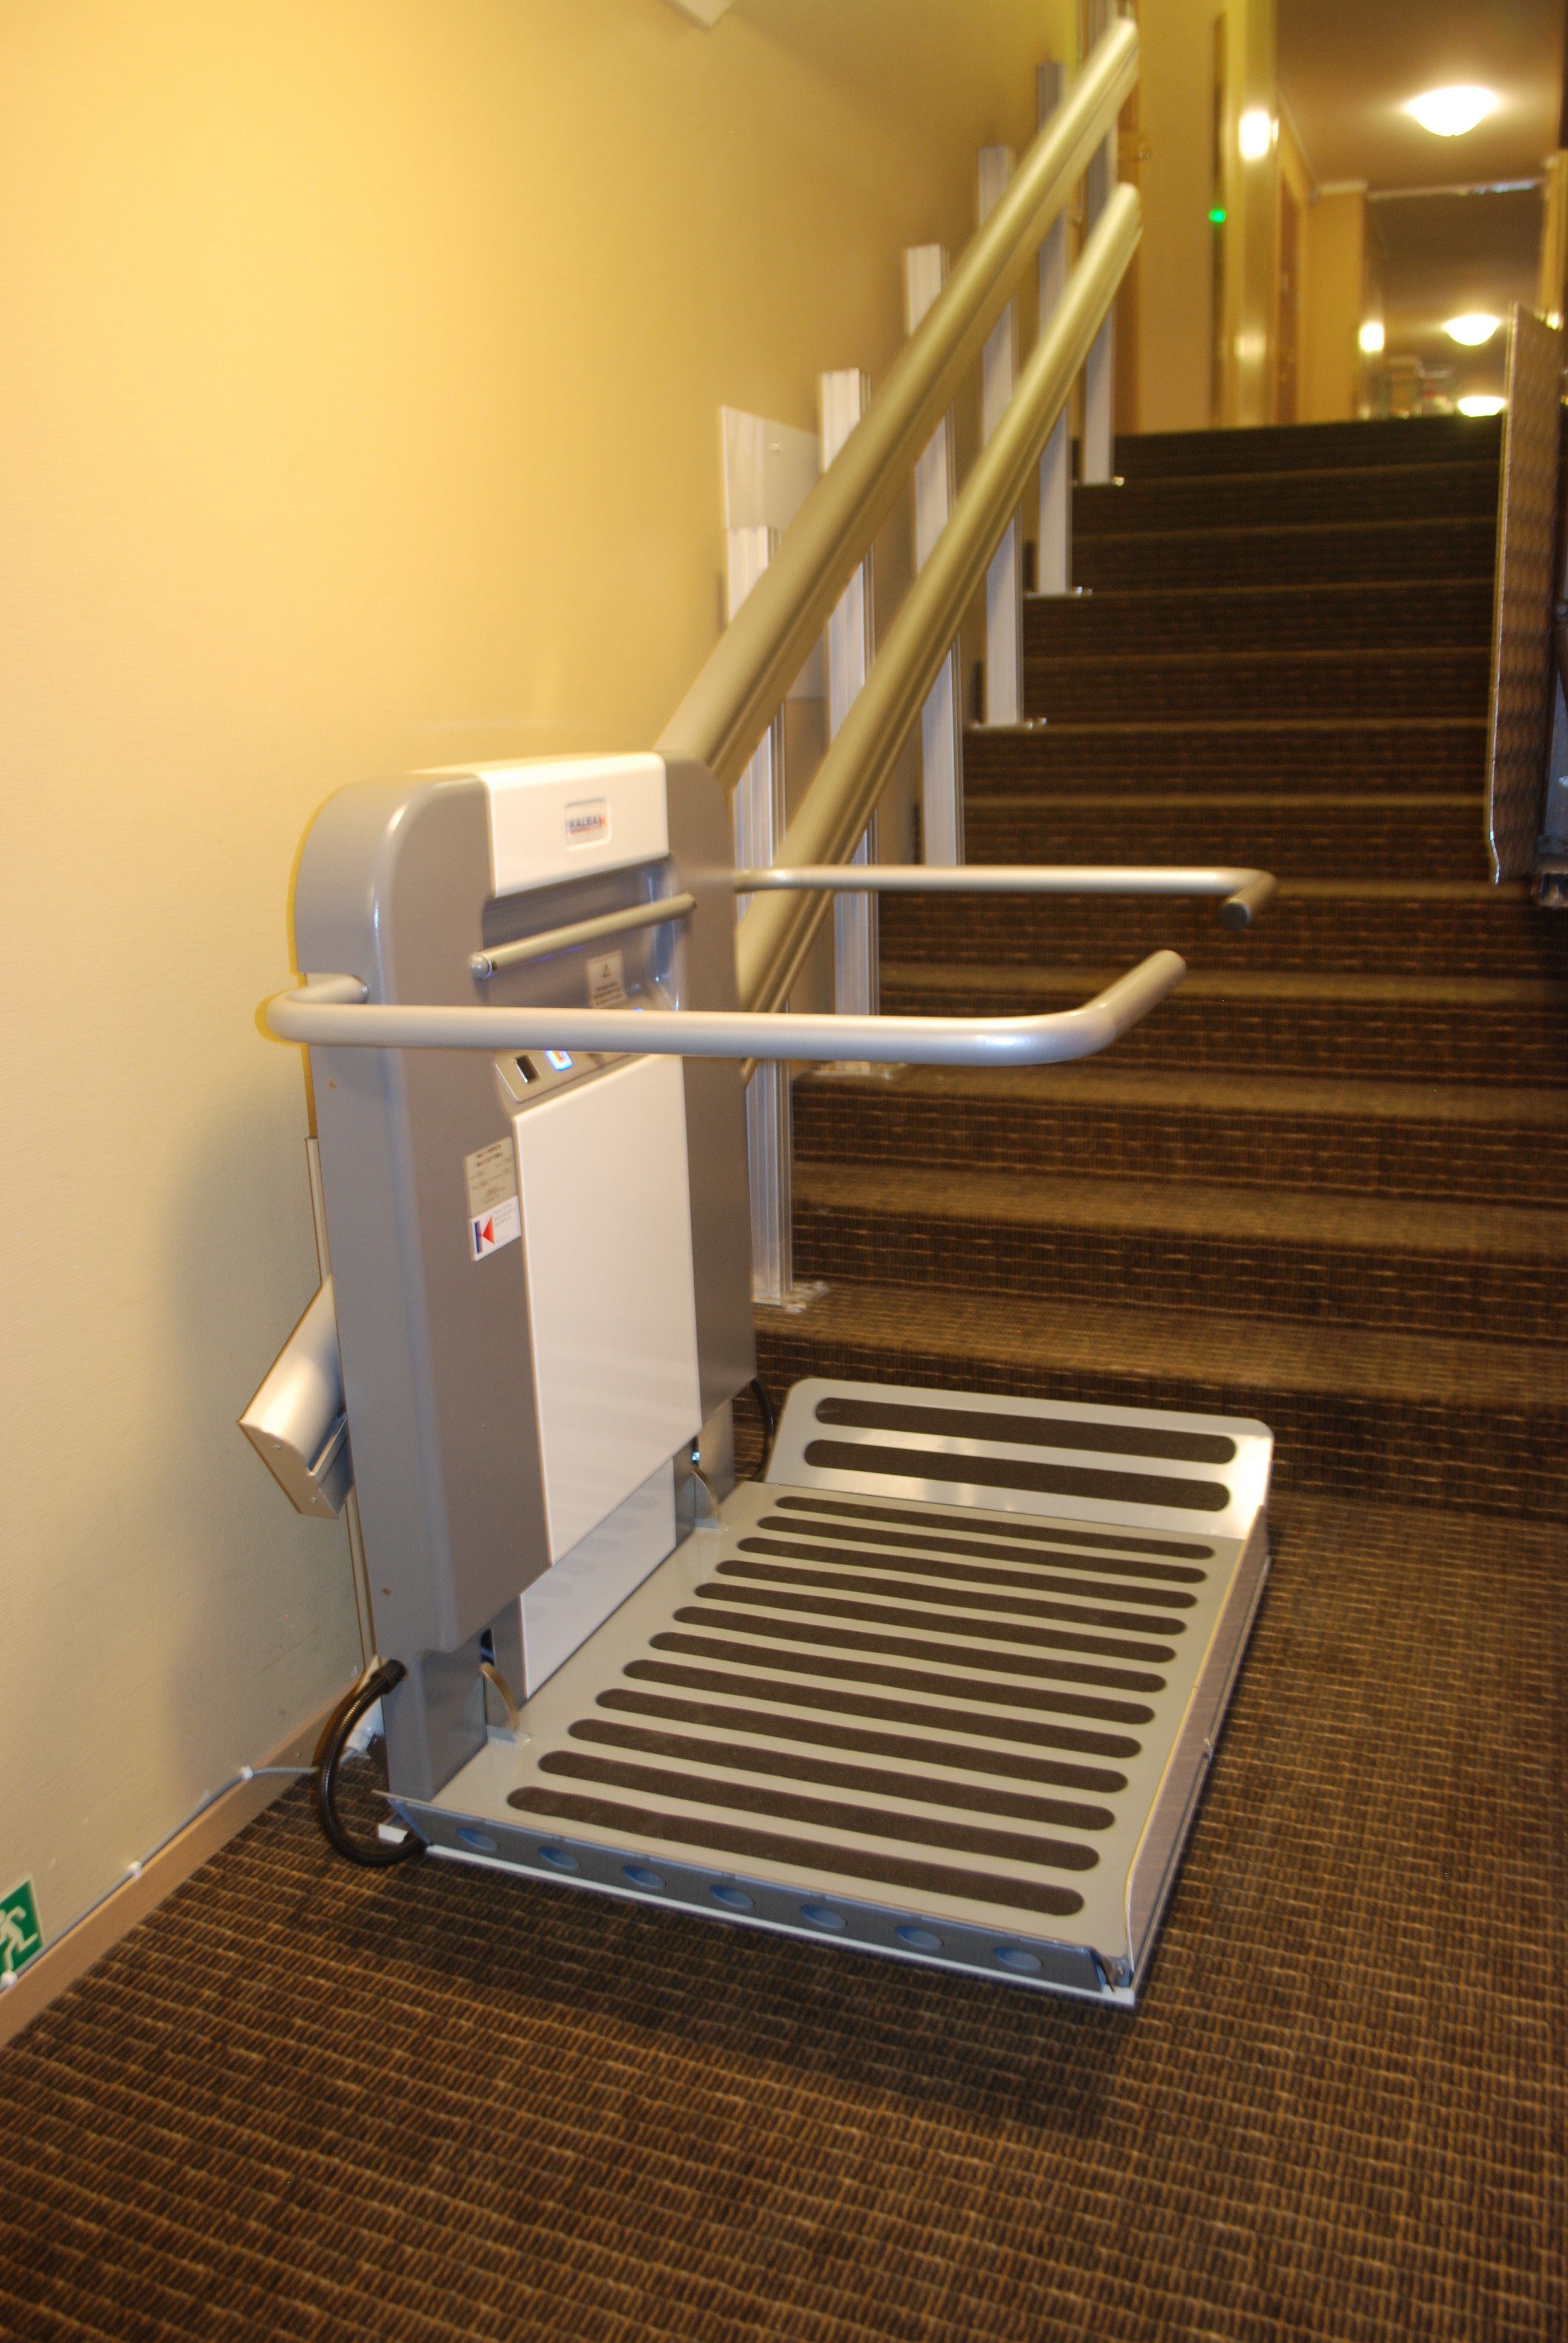 Plateforme Monte Escalier Pour Pmr Alma Mises Aux Normes